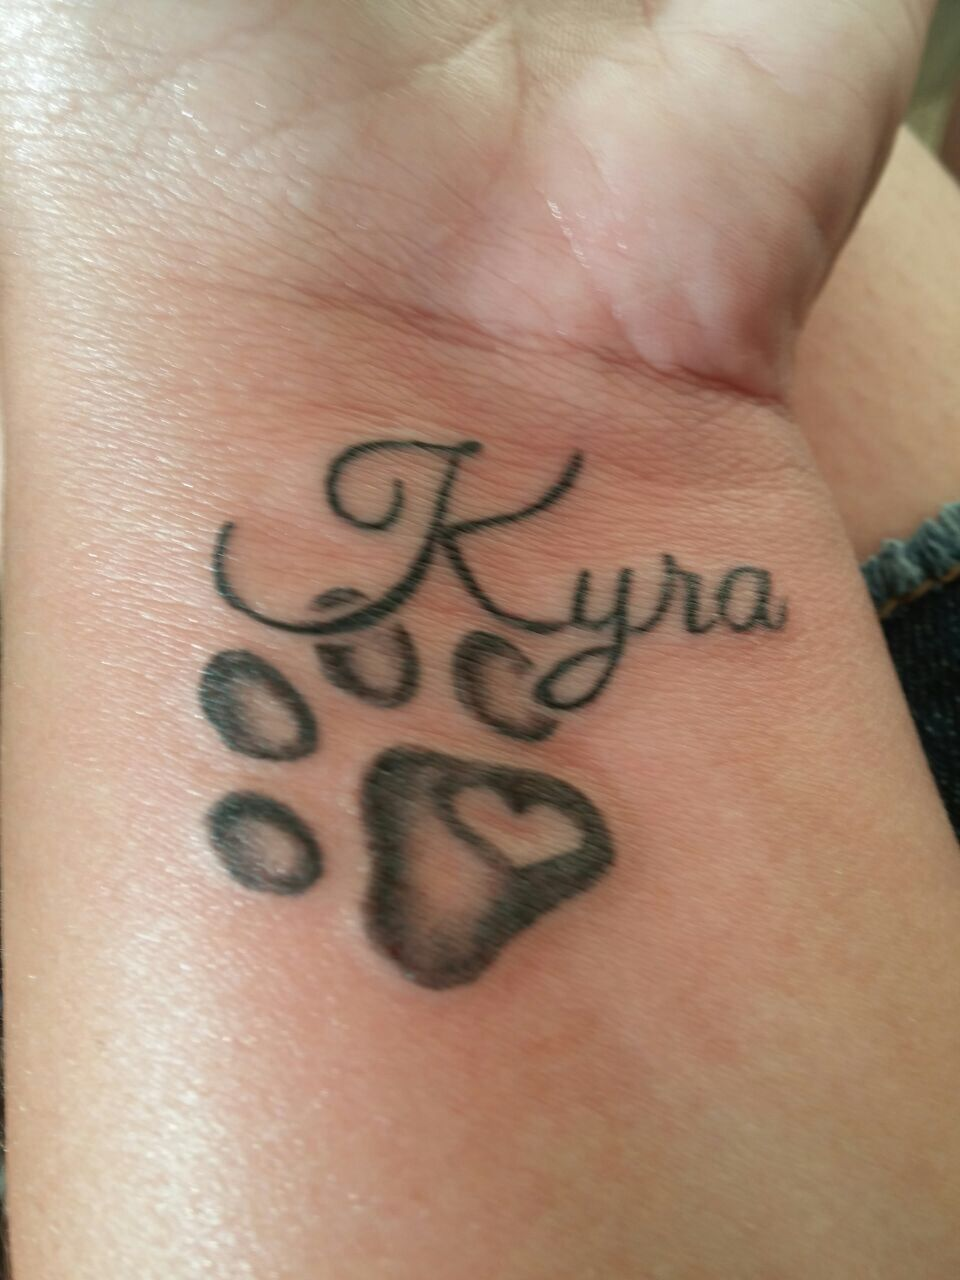 Pin By Lauren Havniear On Tattoos Tattoos Dog Tattoos Print Tattoos